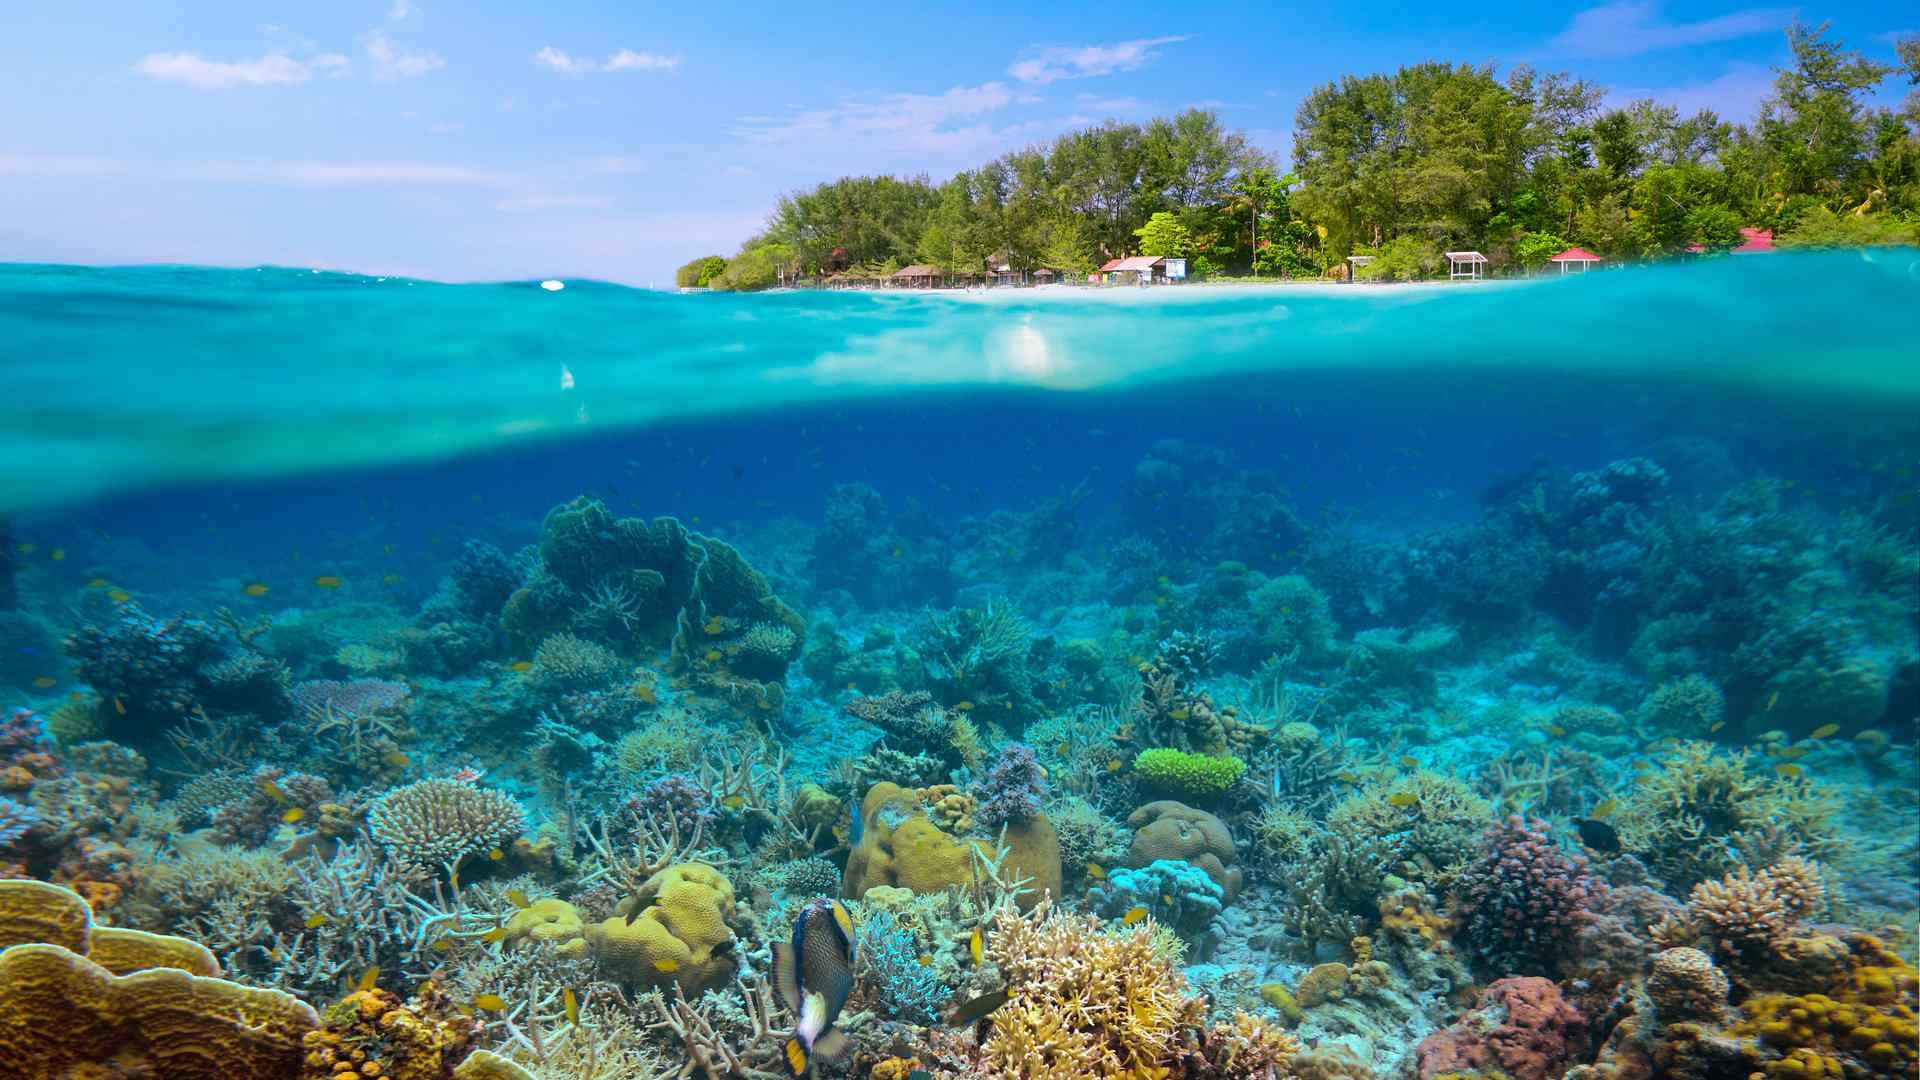 美丽的海底珊瑚礁高清风景图片桌面壁纸第一辑